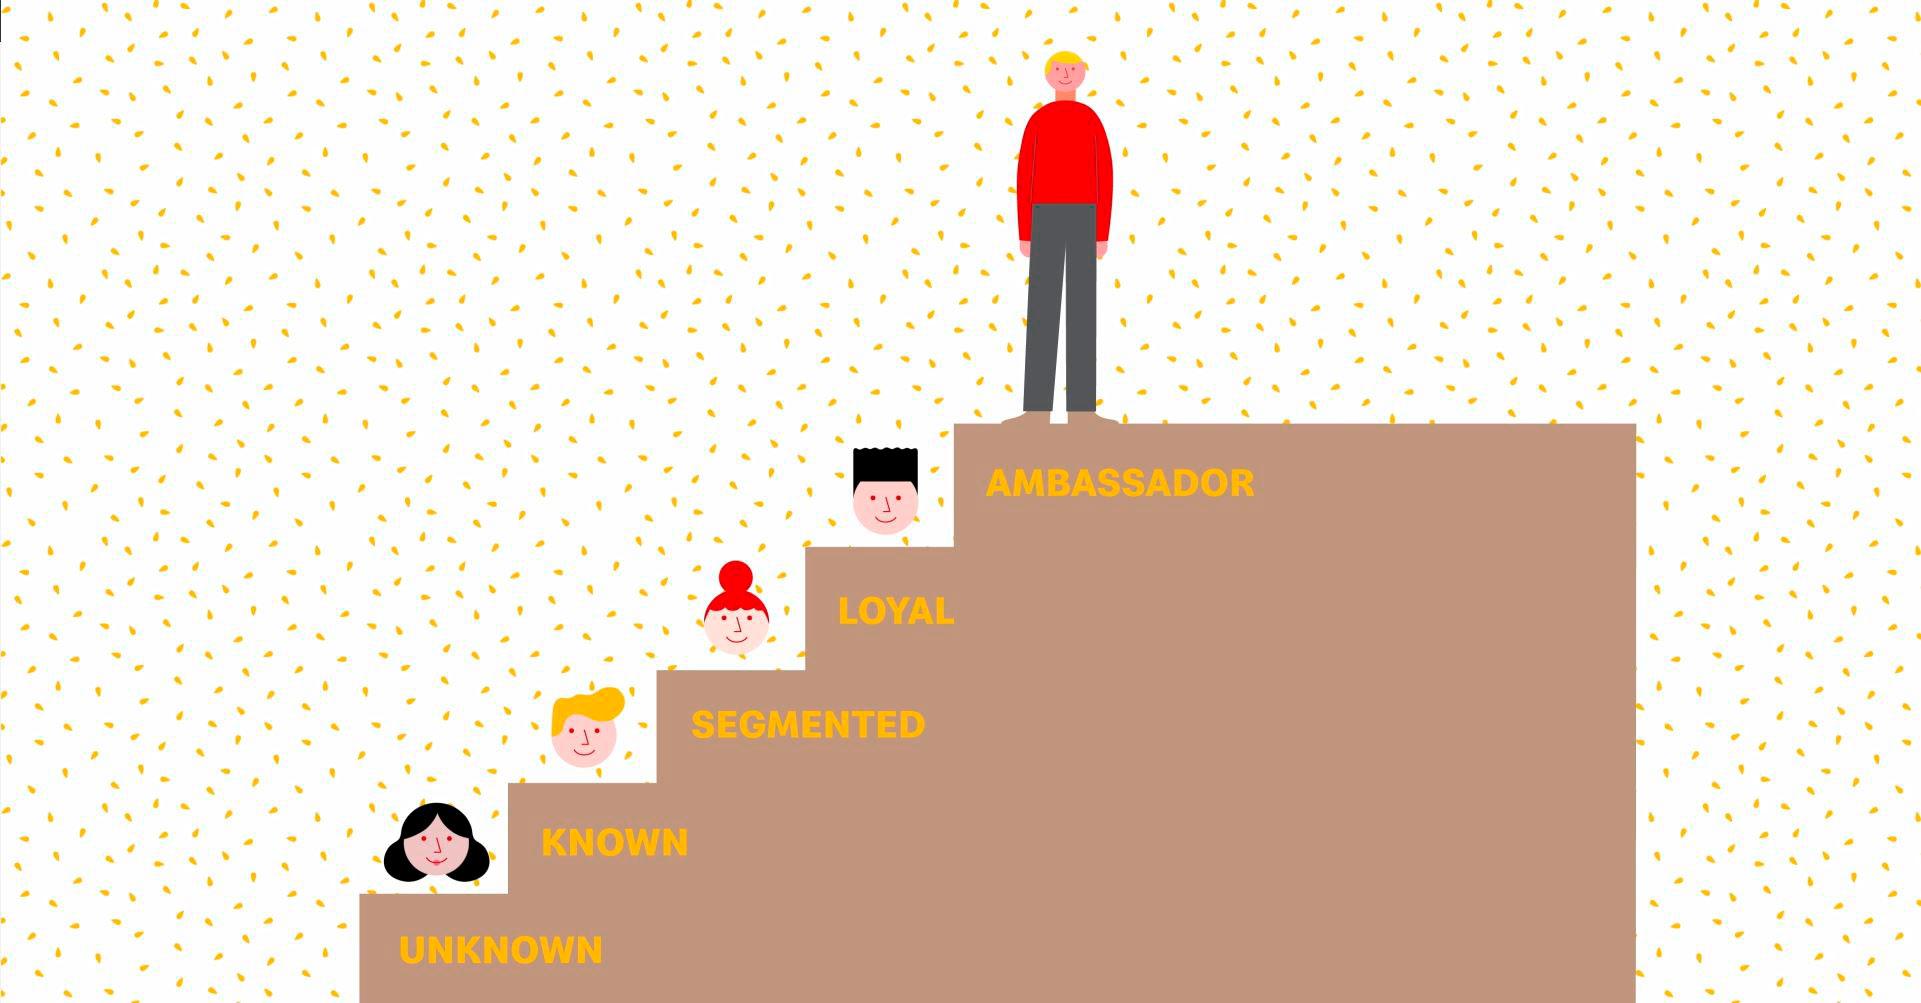 mcdonalds-segmentation-image